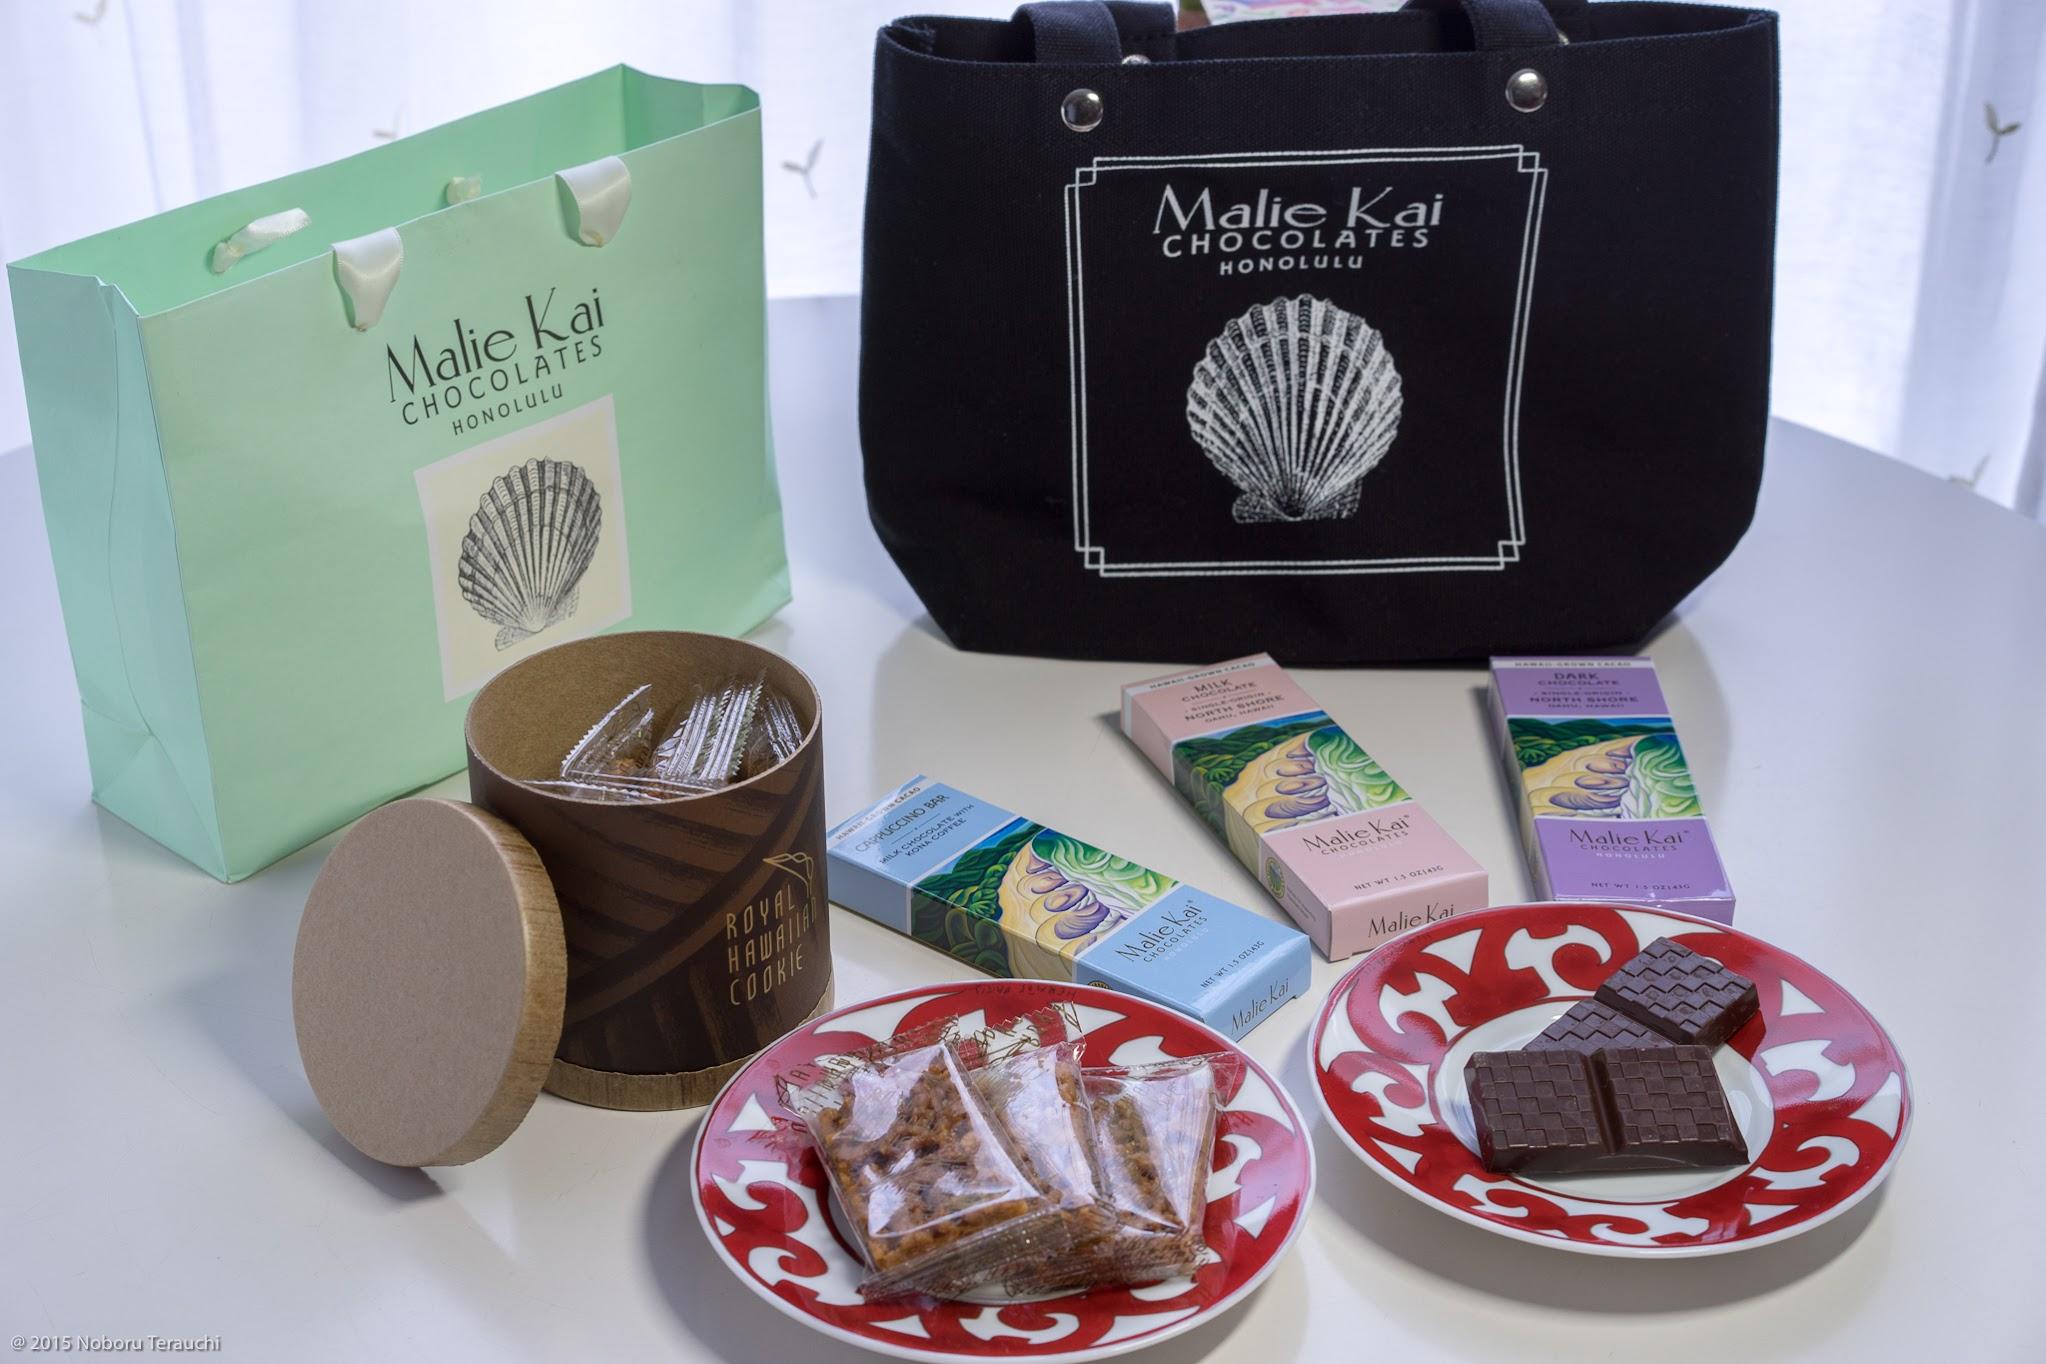 マリエカイ・チョコレート&ロイヤル・ハワイアン・クッキー